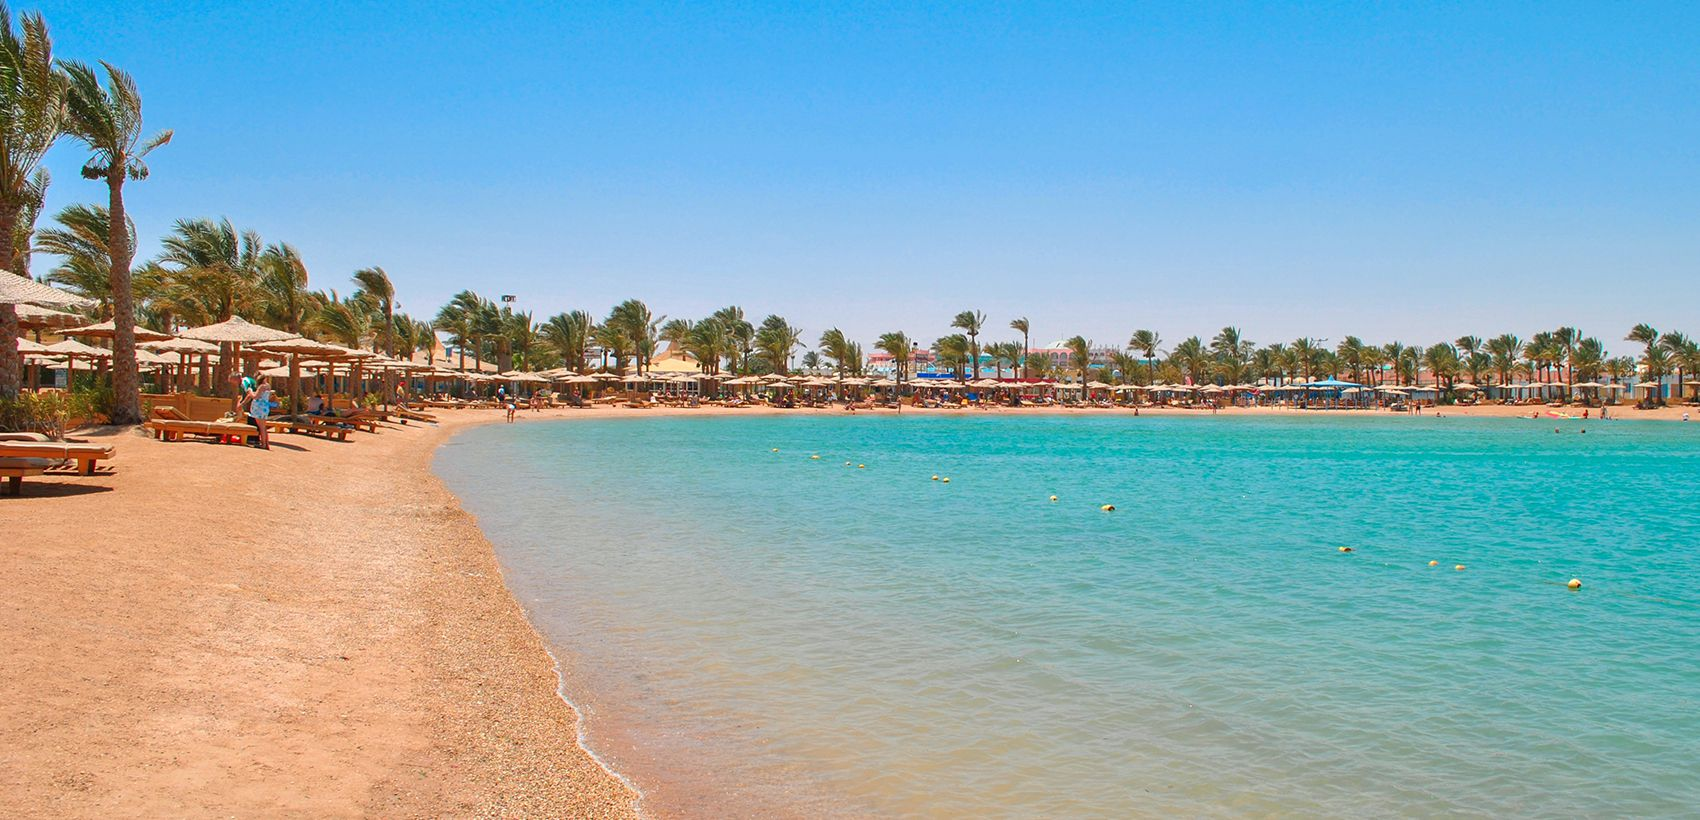 Egito: Hurghada | Voo Especial de Lisboa | Verão 2019